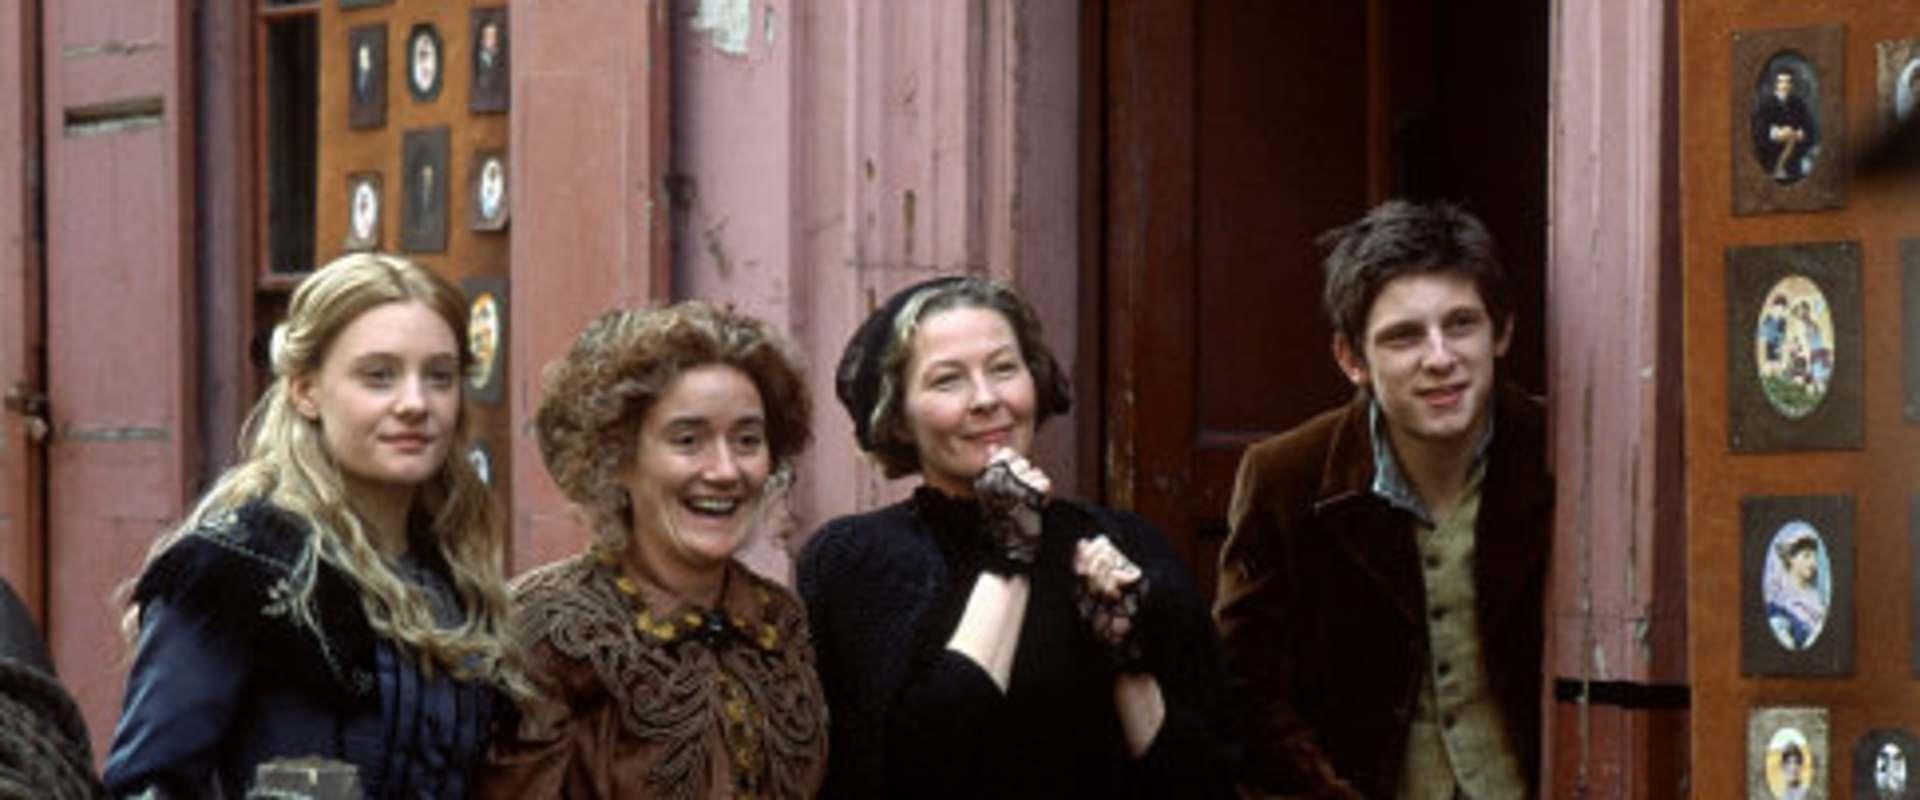 nicholas nickleby movie bbc